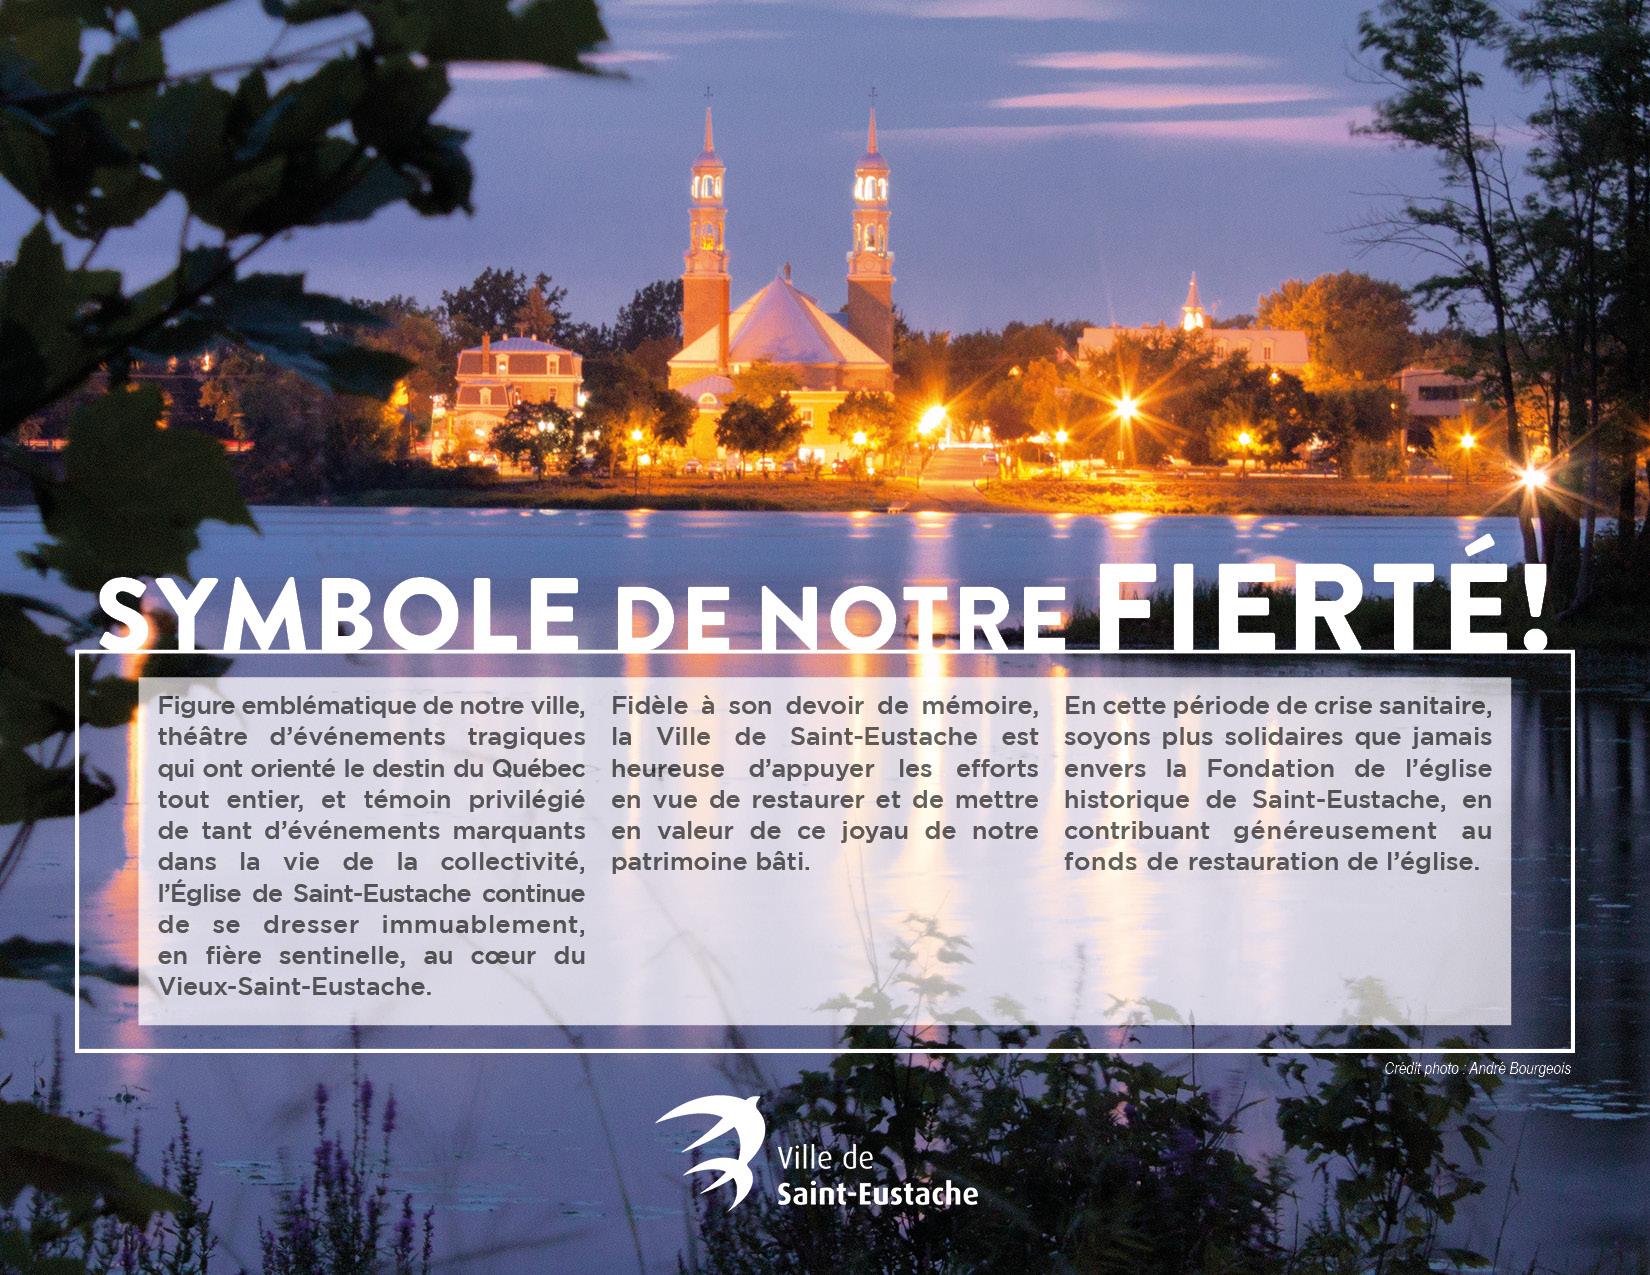 VilleSaintEustache_FondationEglise